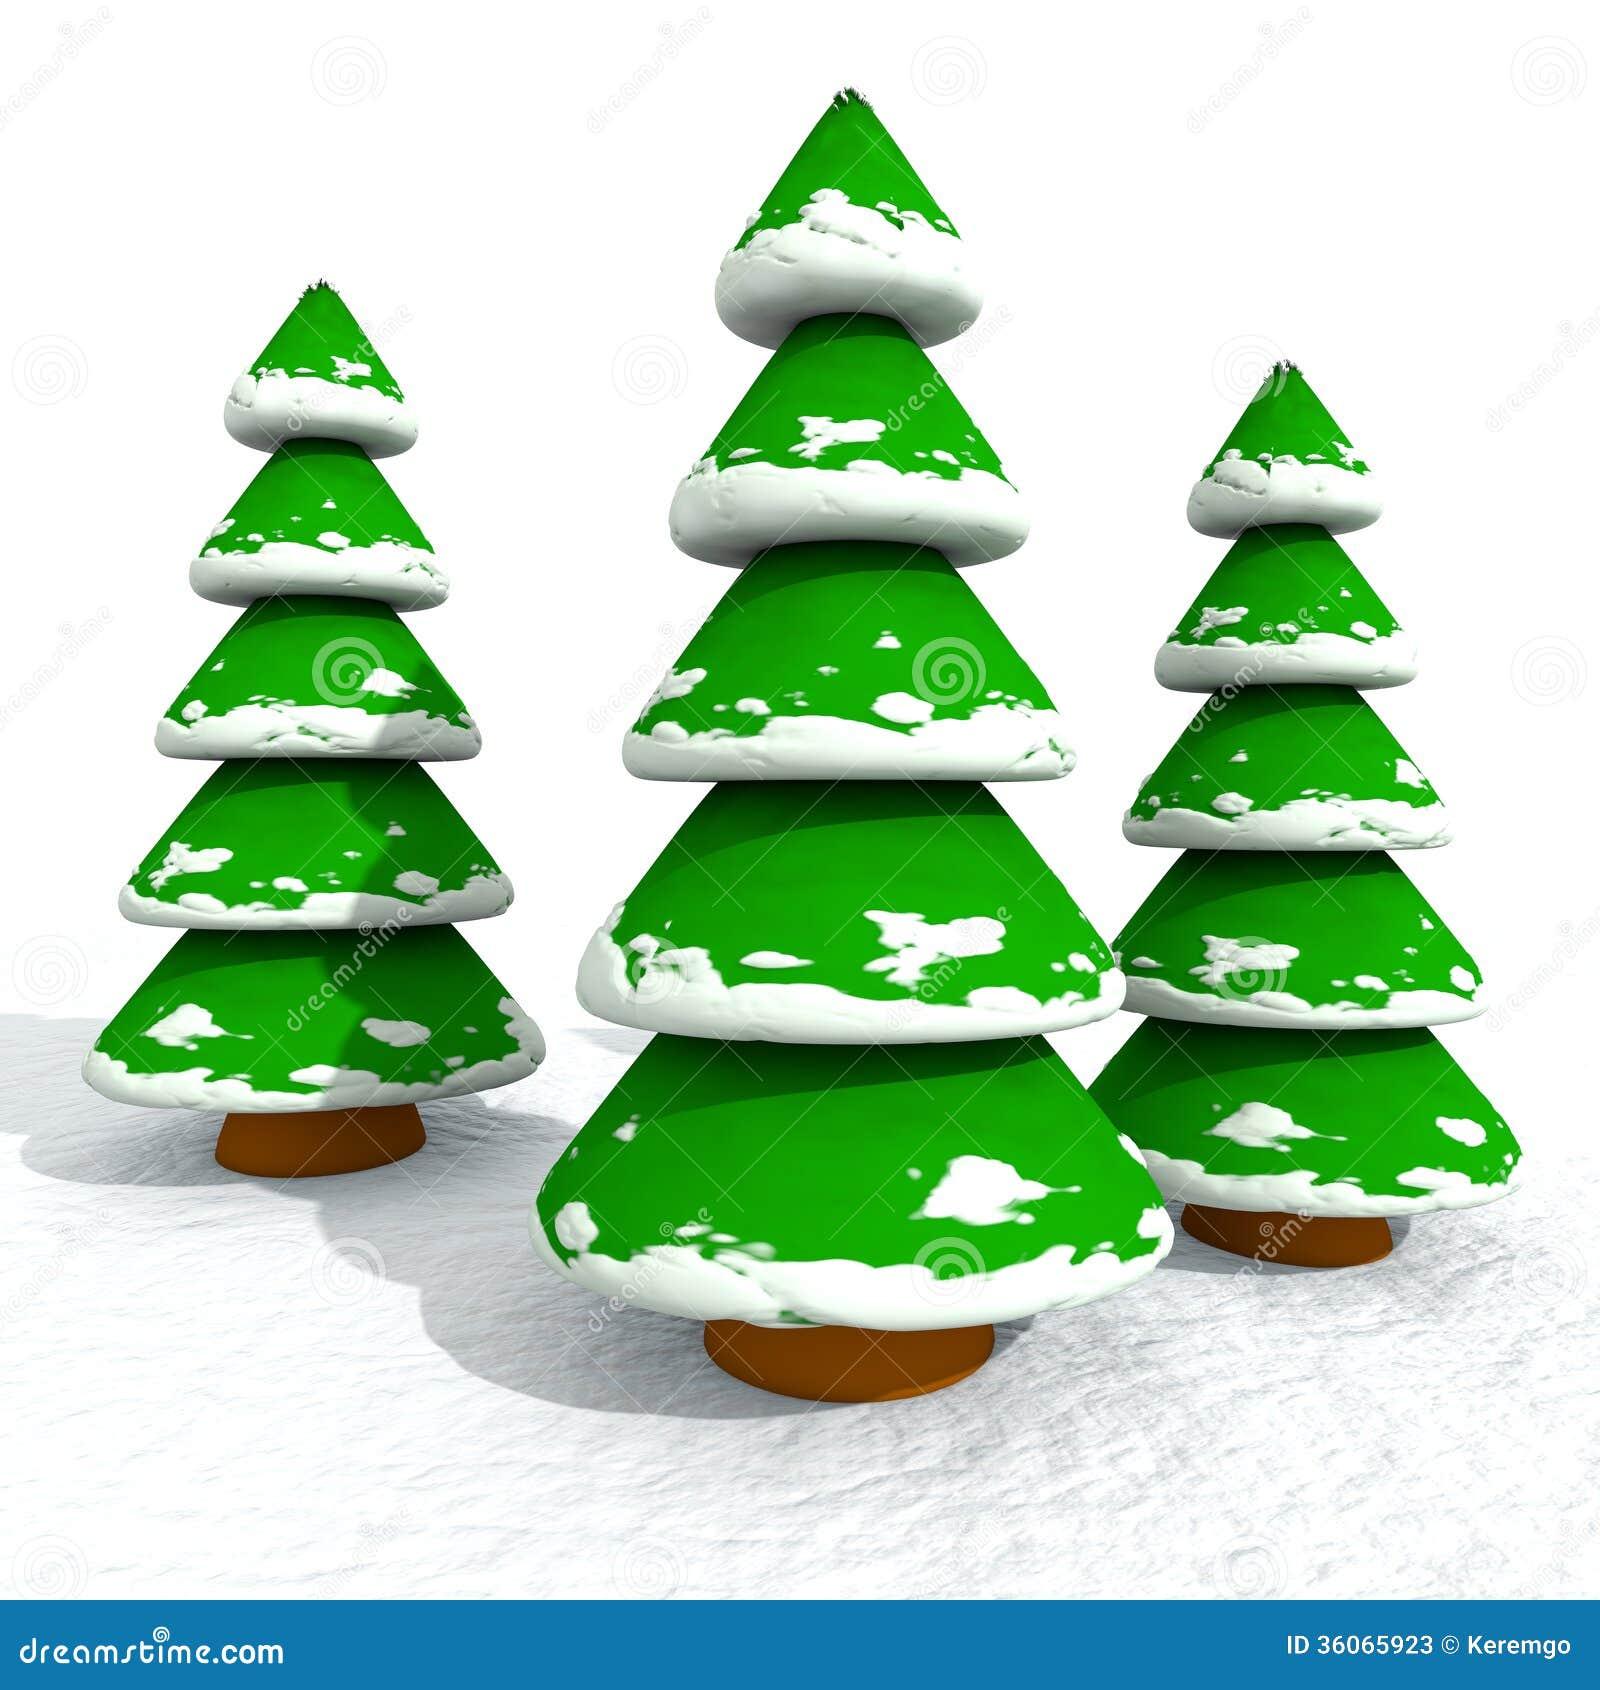 cartoon snowy christmas trees stock photos image 36065923